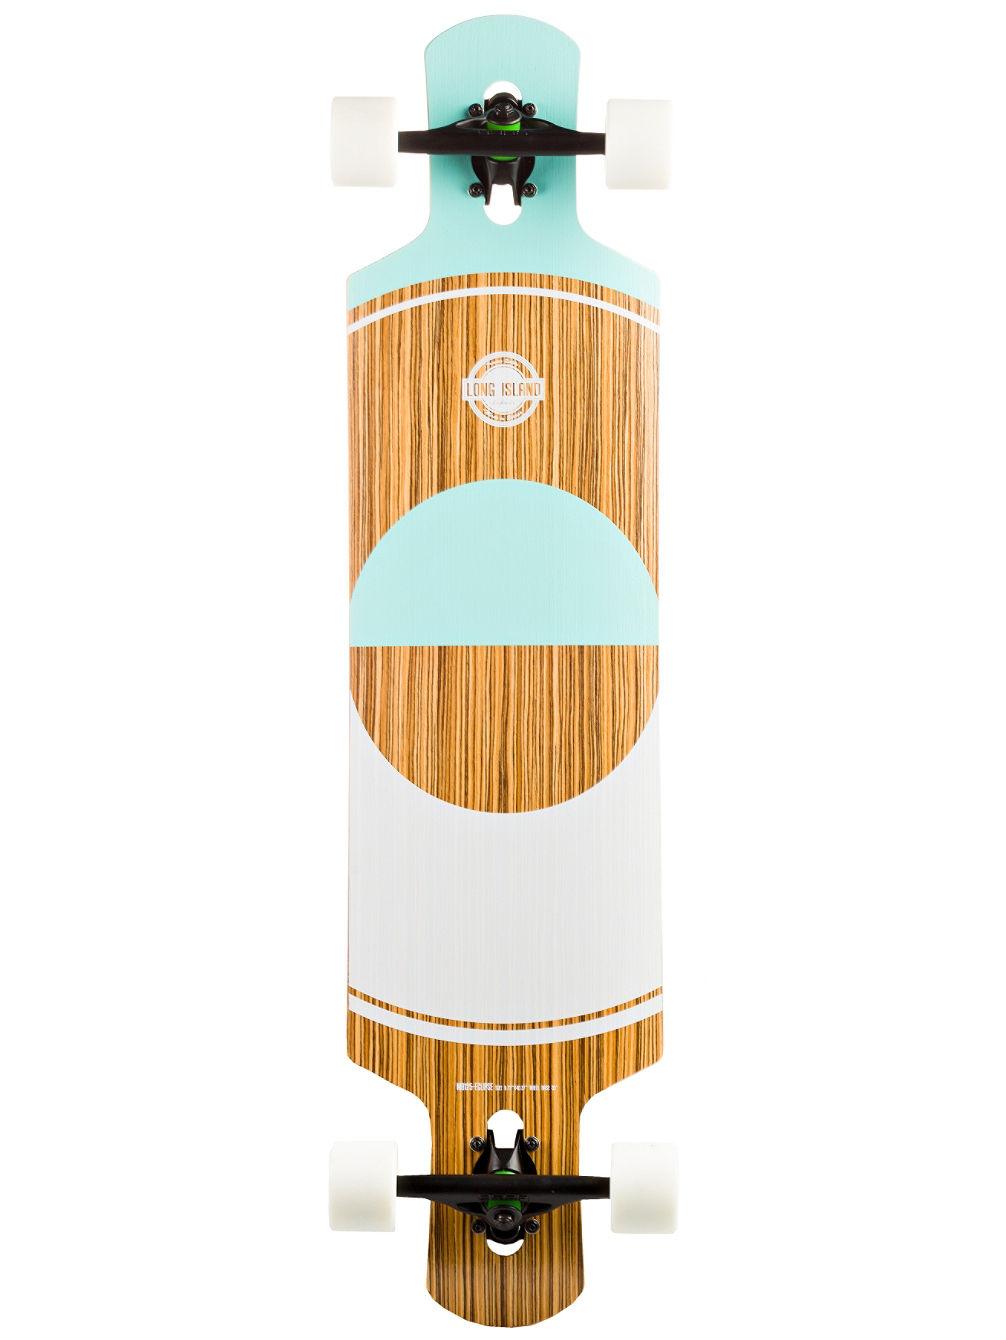 long-island-longboards-eclipse-972-x-4037-longboard-complete